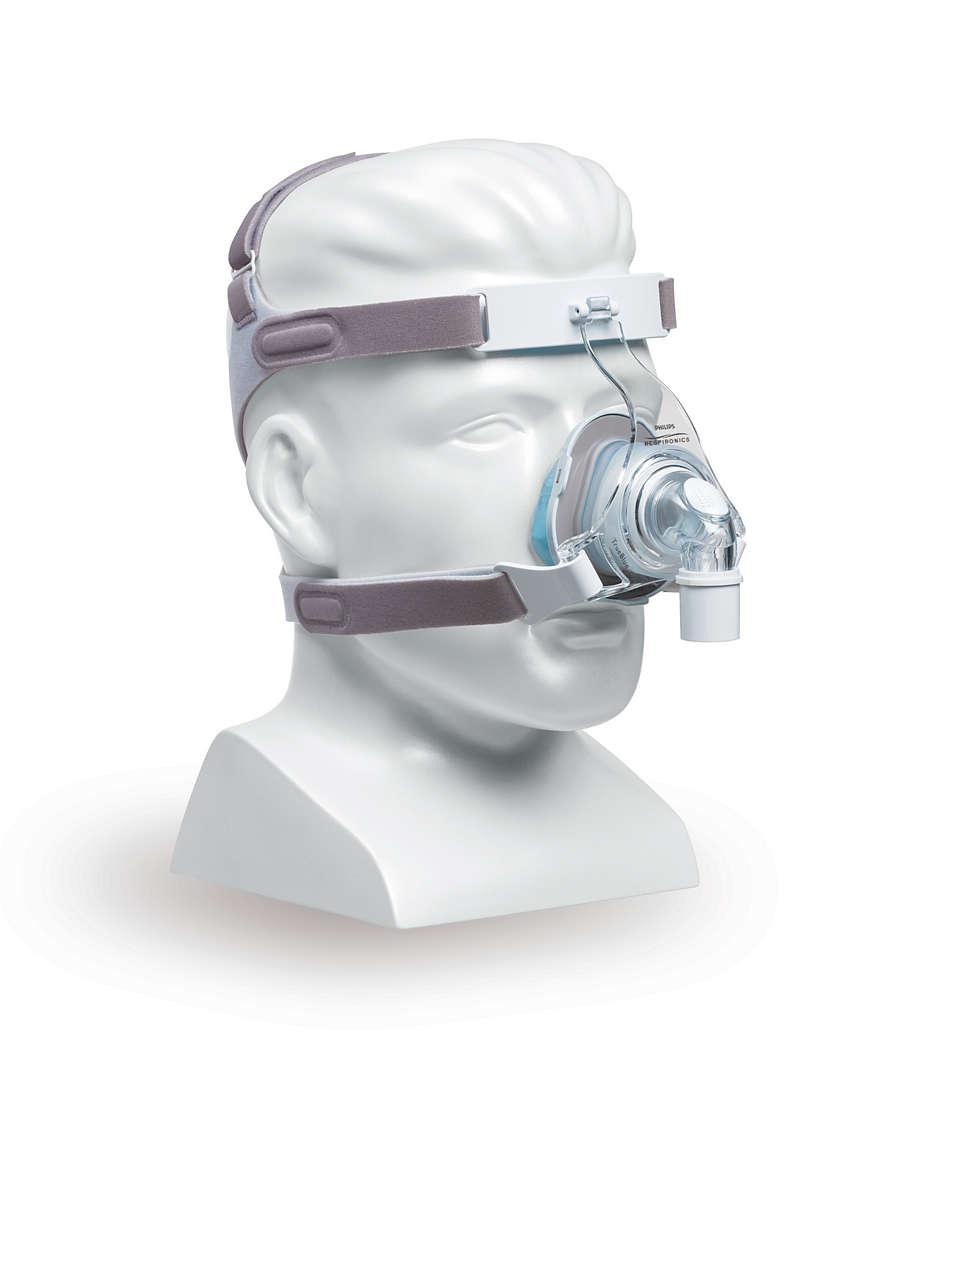 TrueBlue-geelimaski, jossa on Auto-Seal-tekniikka